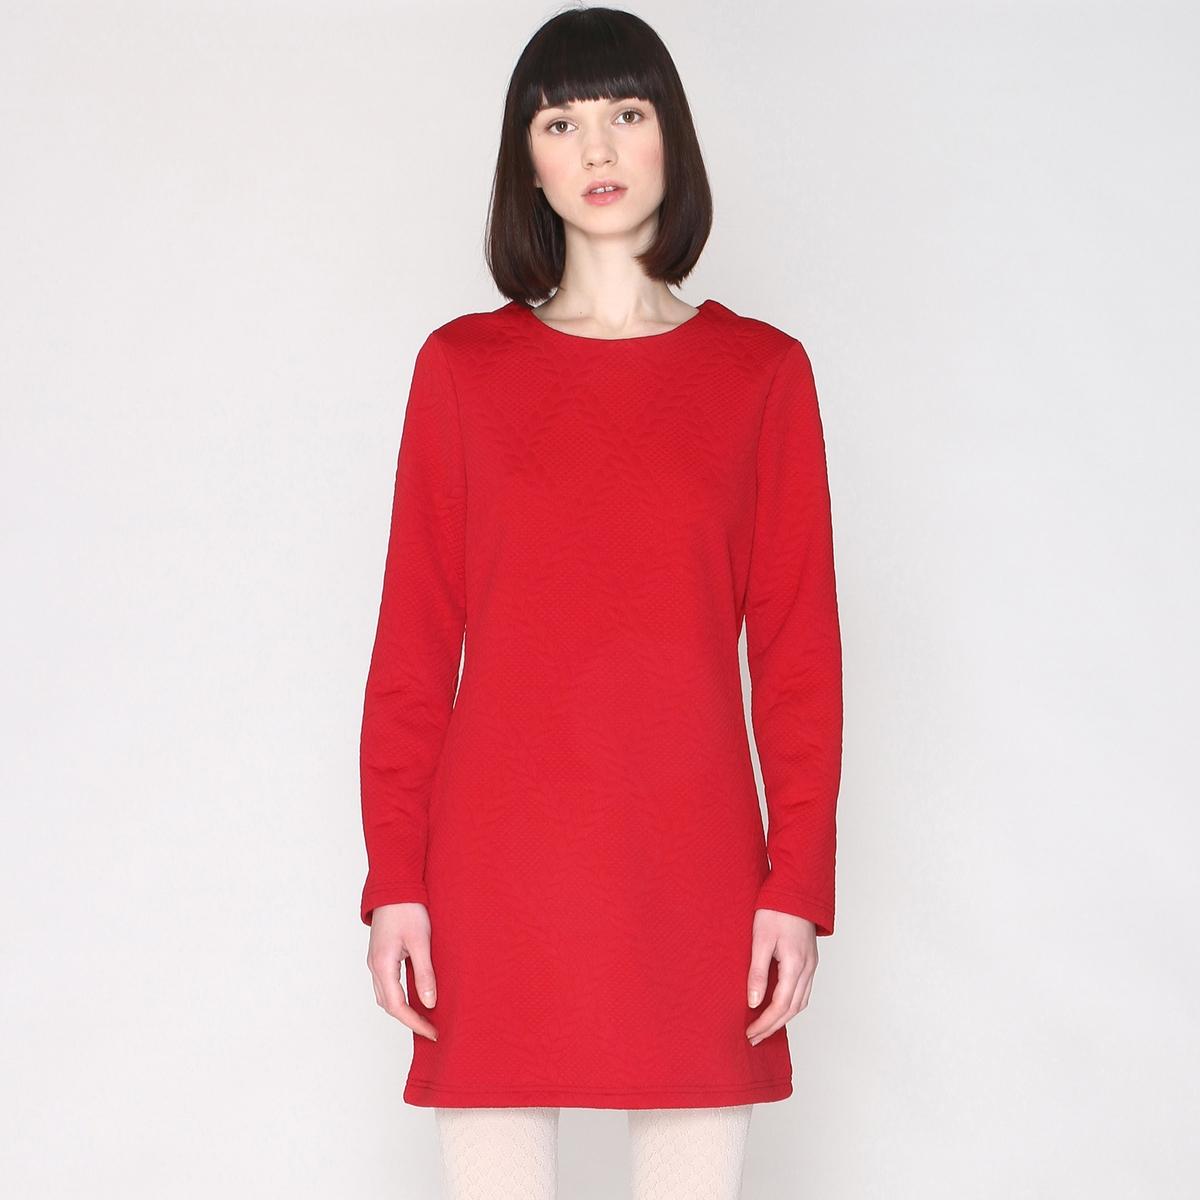 Платье прямое в стиле свитшота с длинными рукавамиПрямое платье с длинными рукавами, в стиле свитшота, Pepaloves.Да здравствует эта великолепная испанская марка, соблюдающая этические нормы, обеспечивающая достойные условия труда и заботящаяся о животных, которая создала жизнерадостную, женственную, новаторскую и модную коллекцию! Что подтверждает это прямое платье под длинный свитшот с рельефным узором, современное и удобное ! Состав и описаниеМатериал :  100% полиэстера.Марка : PepalovesЗастежка : на молнию сзади<br><br>Цвет: красный<br>Размер: M.S